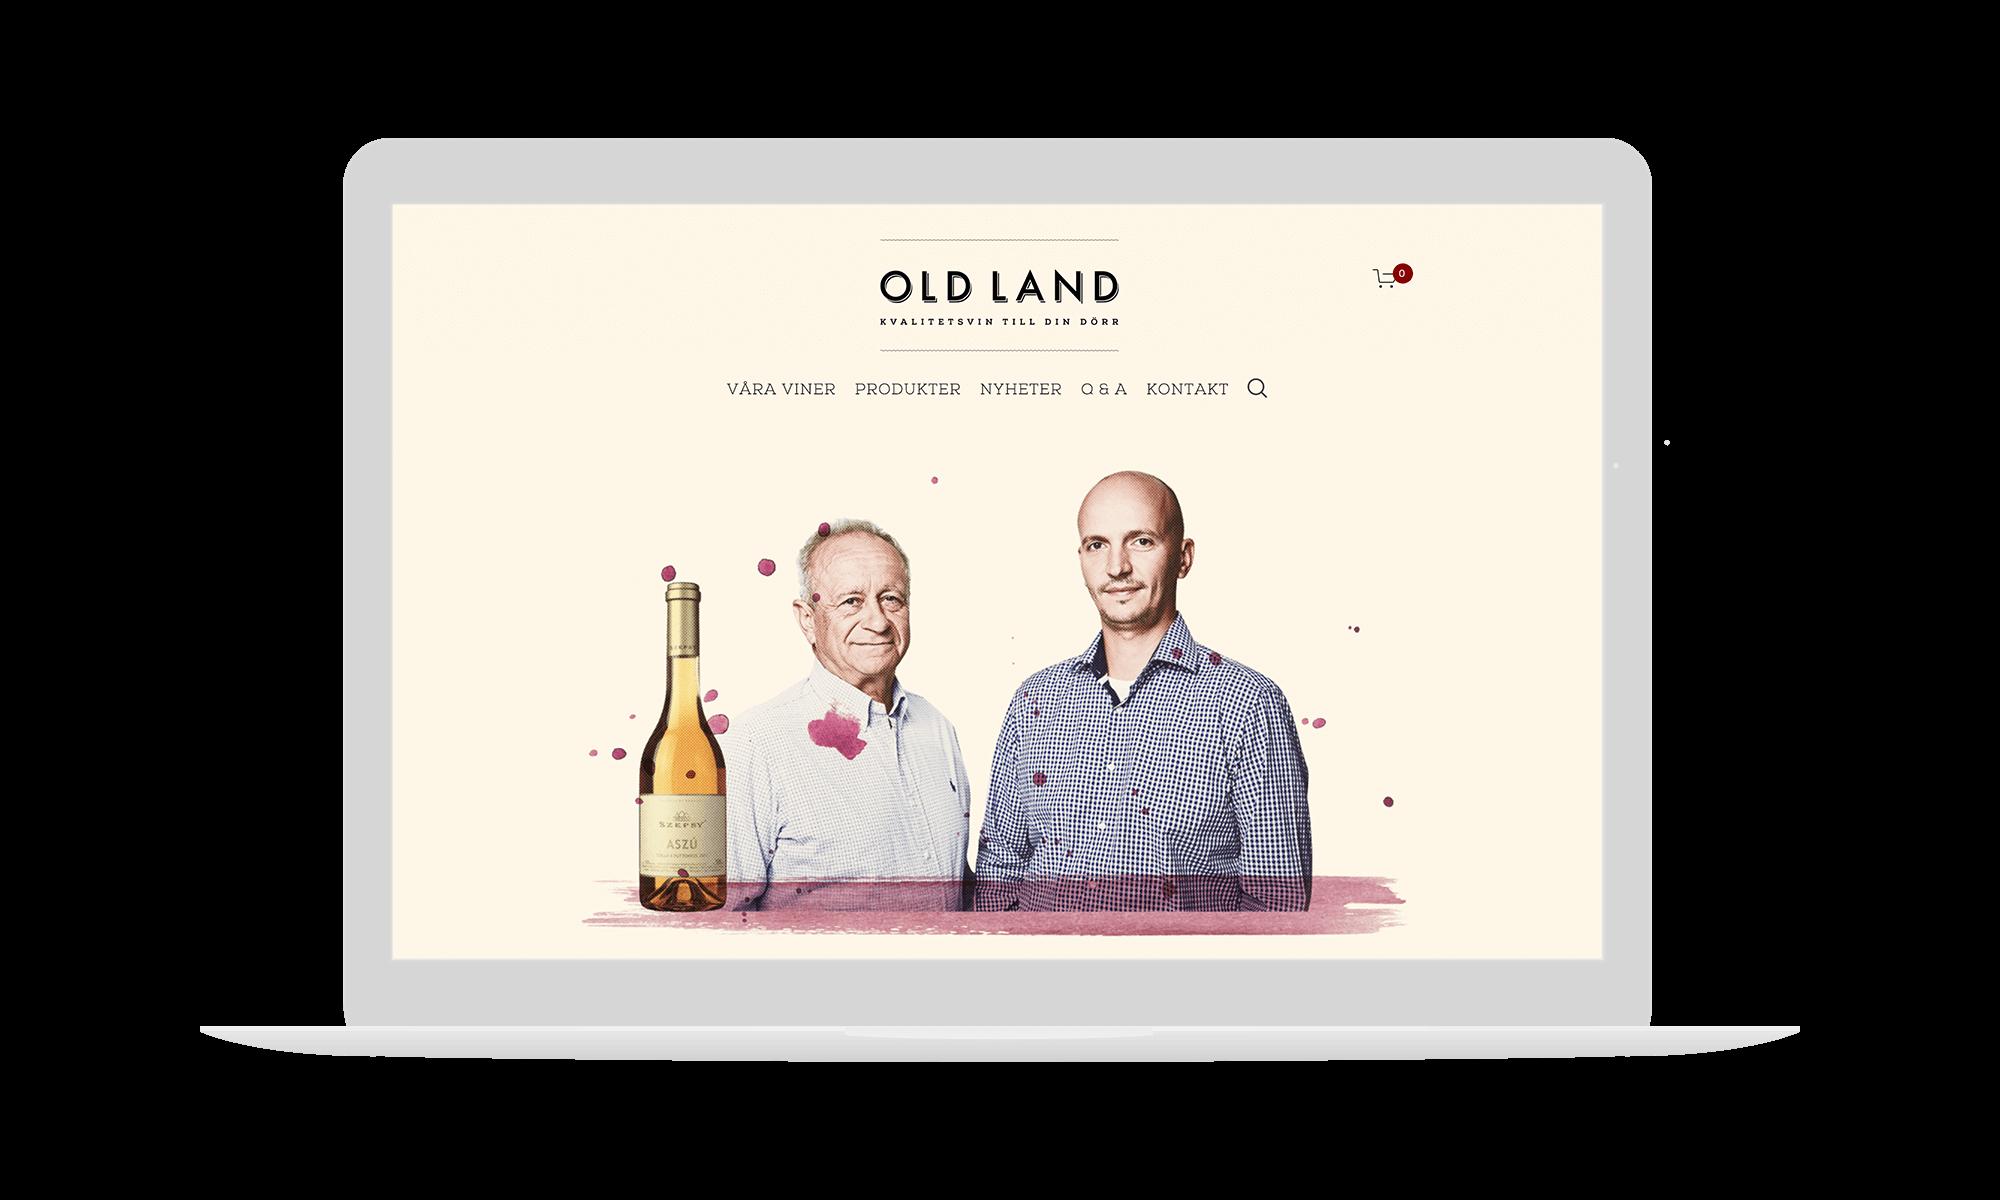 oldland.se